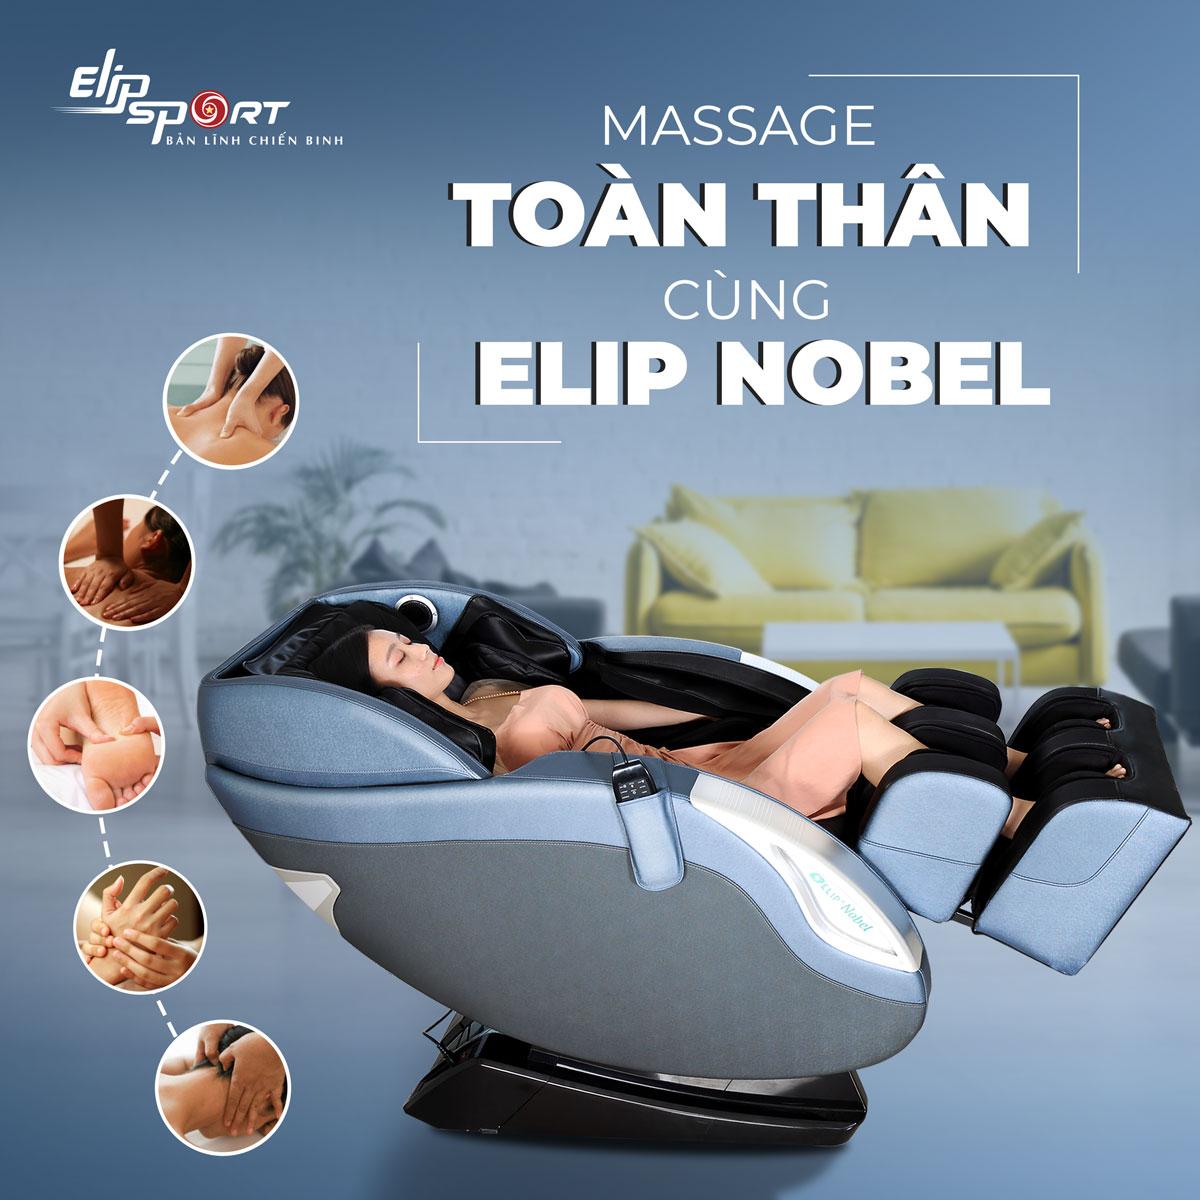 Cách sử dụng remote và các chương trình cài đặt sẵn trên ghế massage ELIP Nobel